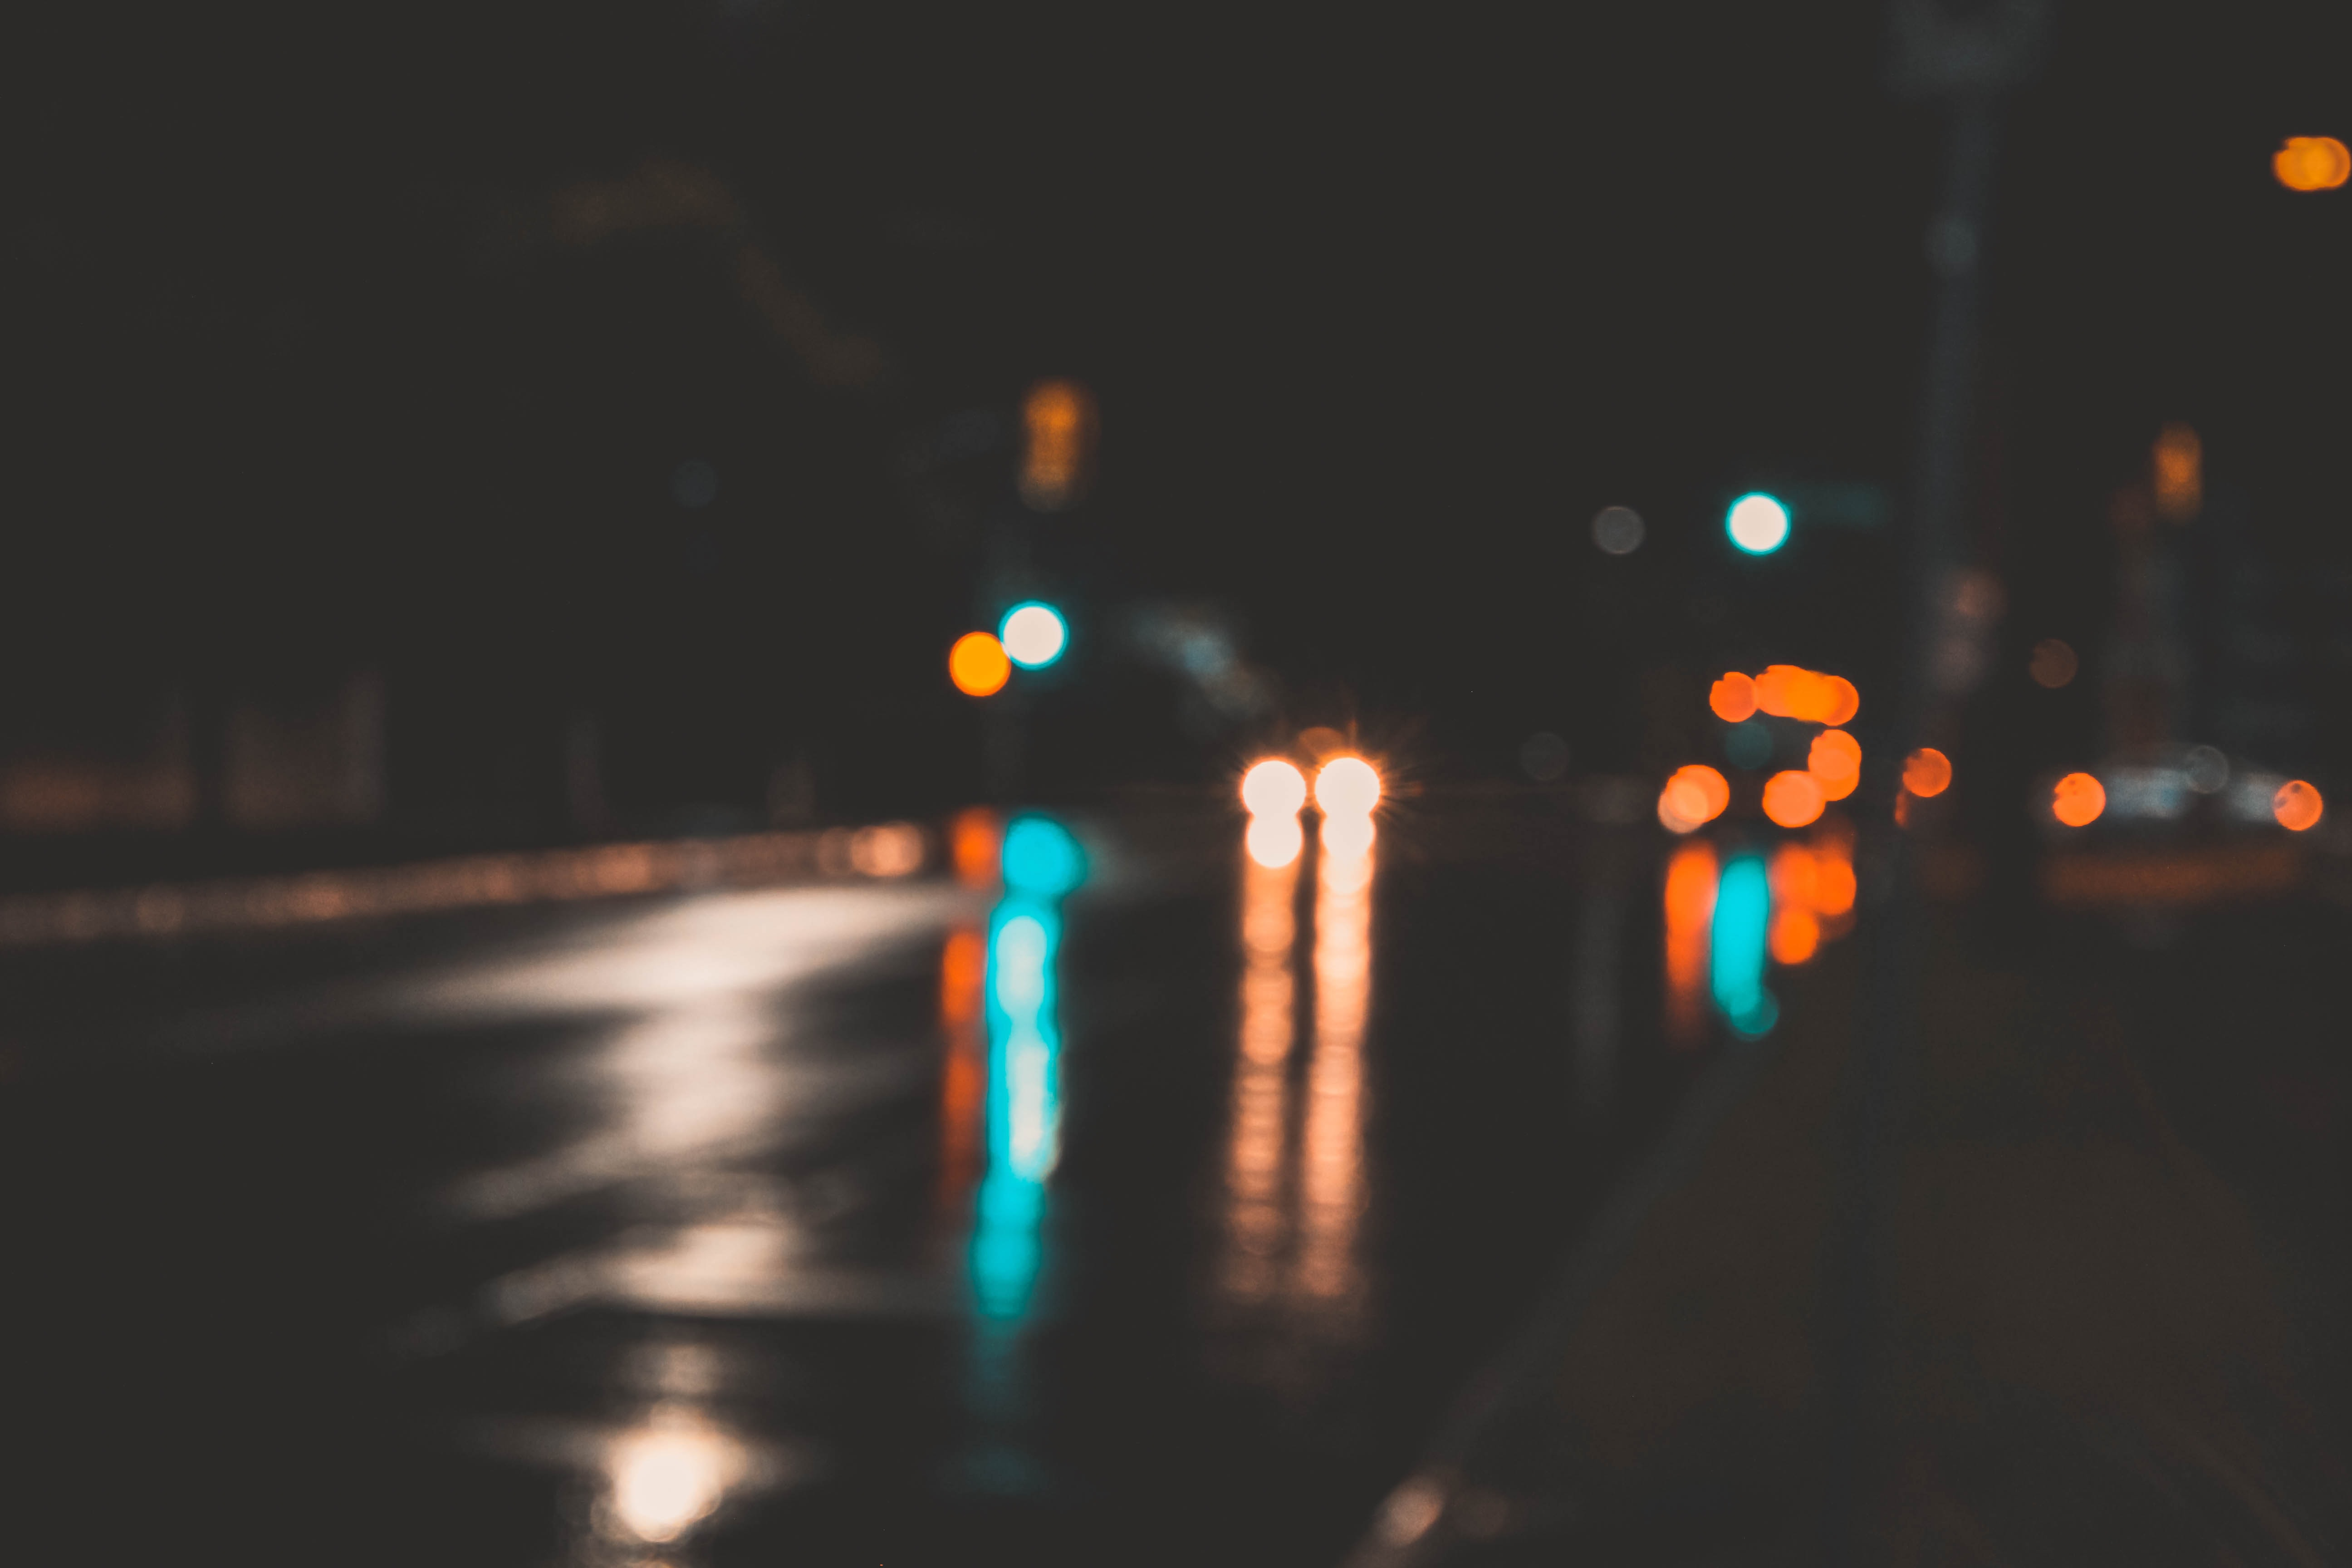 Dusk under Rain night stories